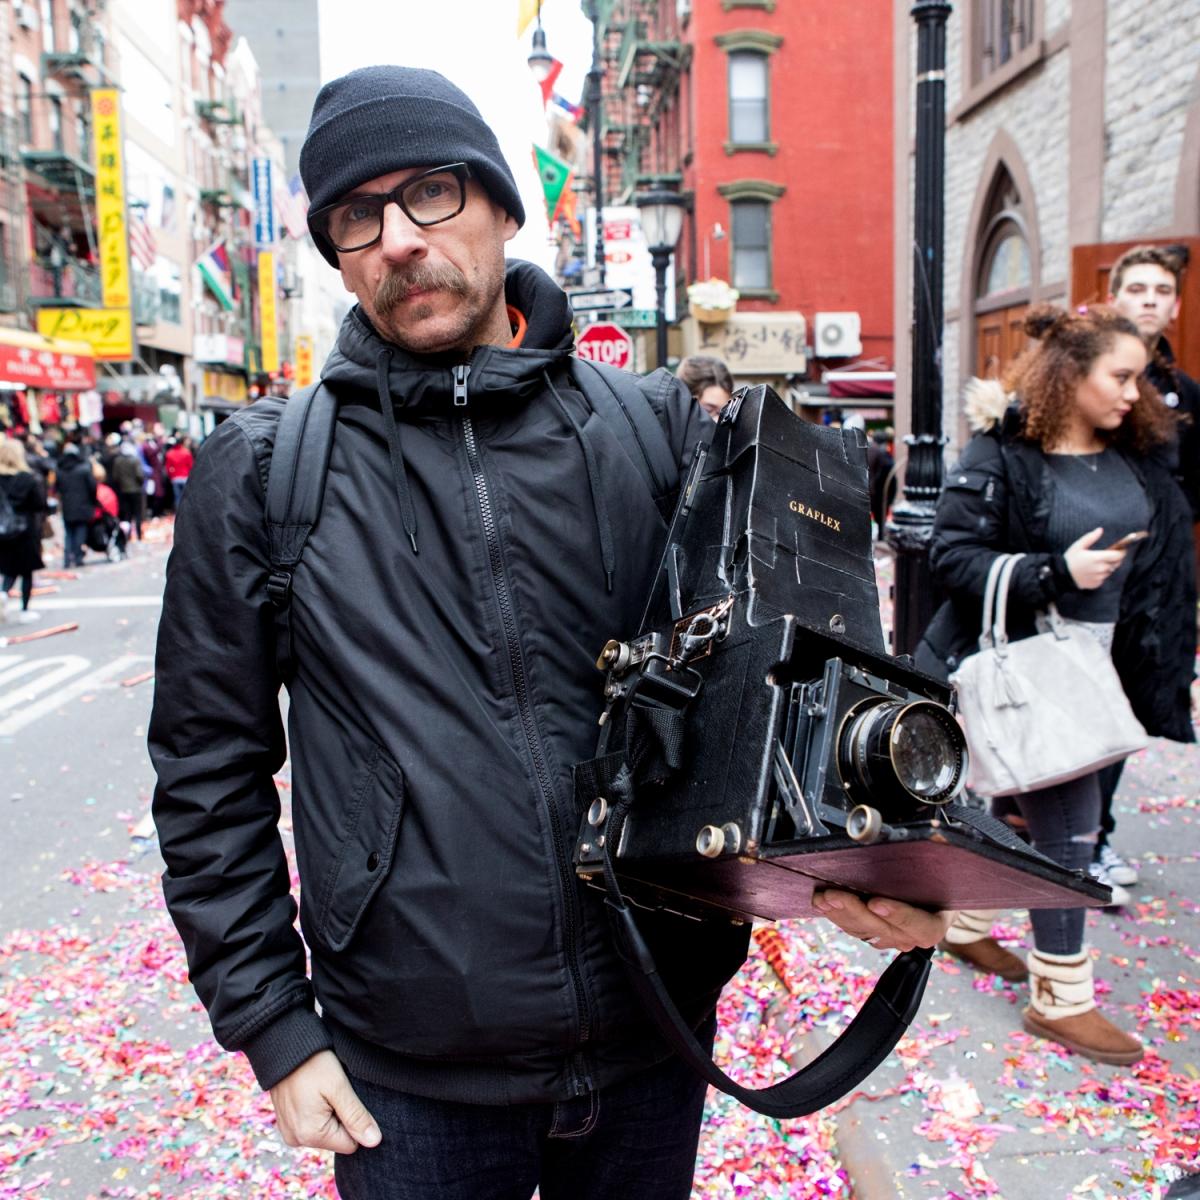 美國春節好熱鬧    ----紐約曼哈頓唐人街大年初一 20170128_图1-31